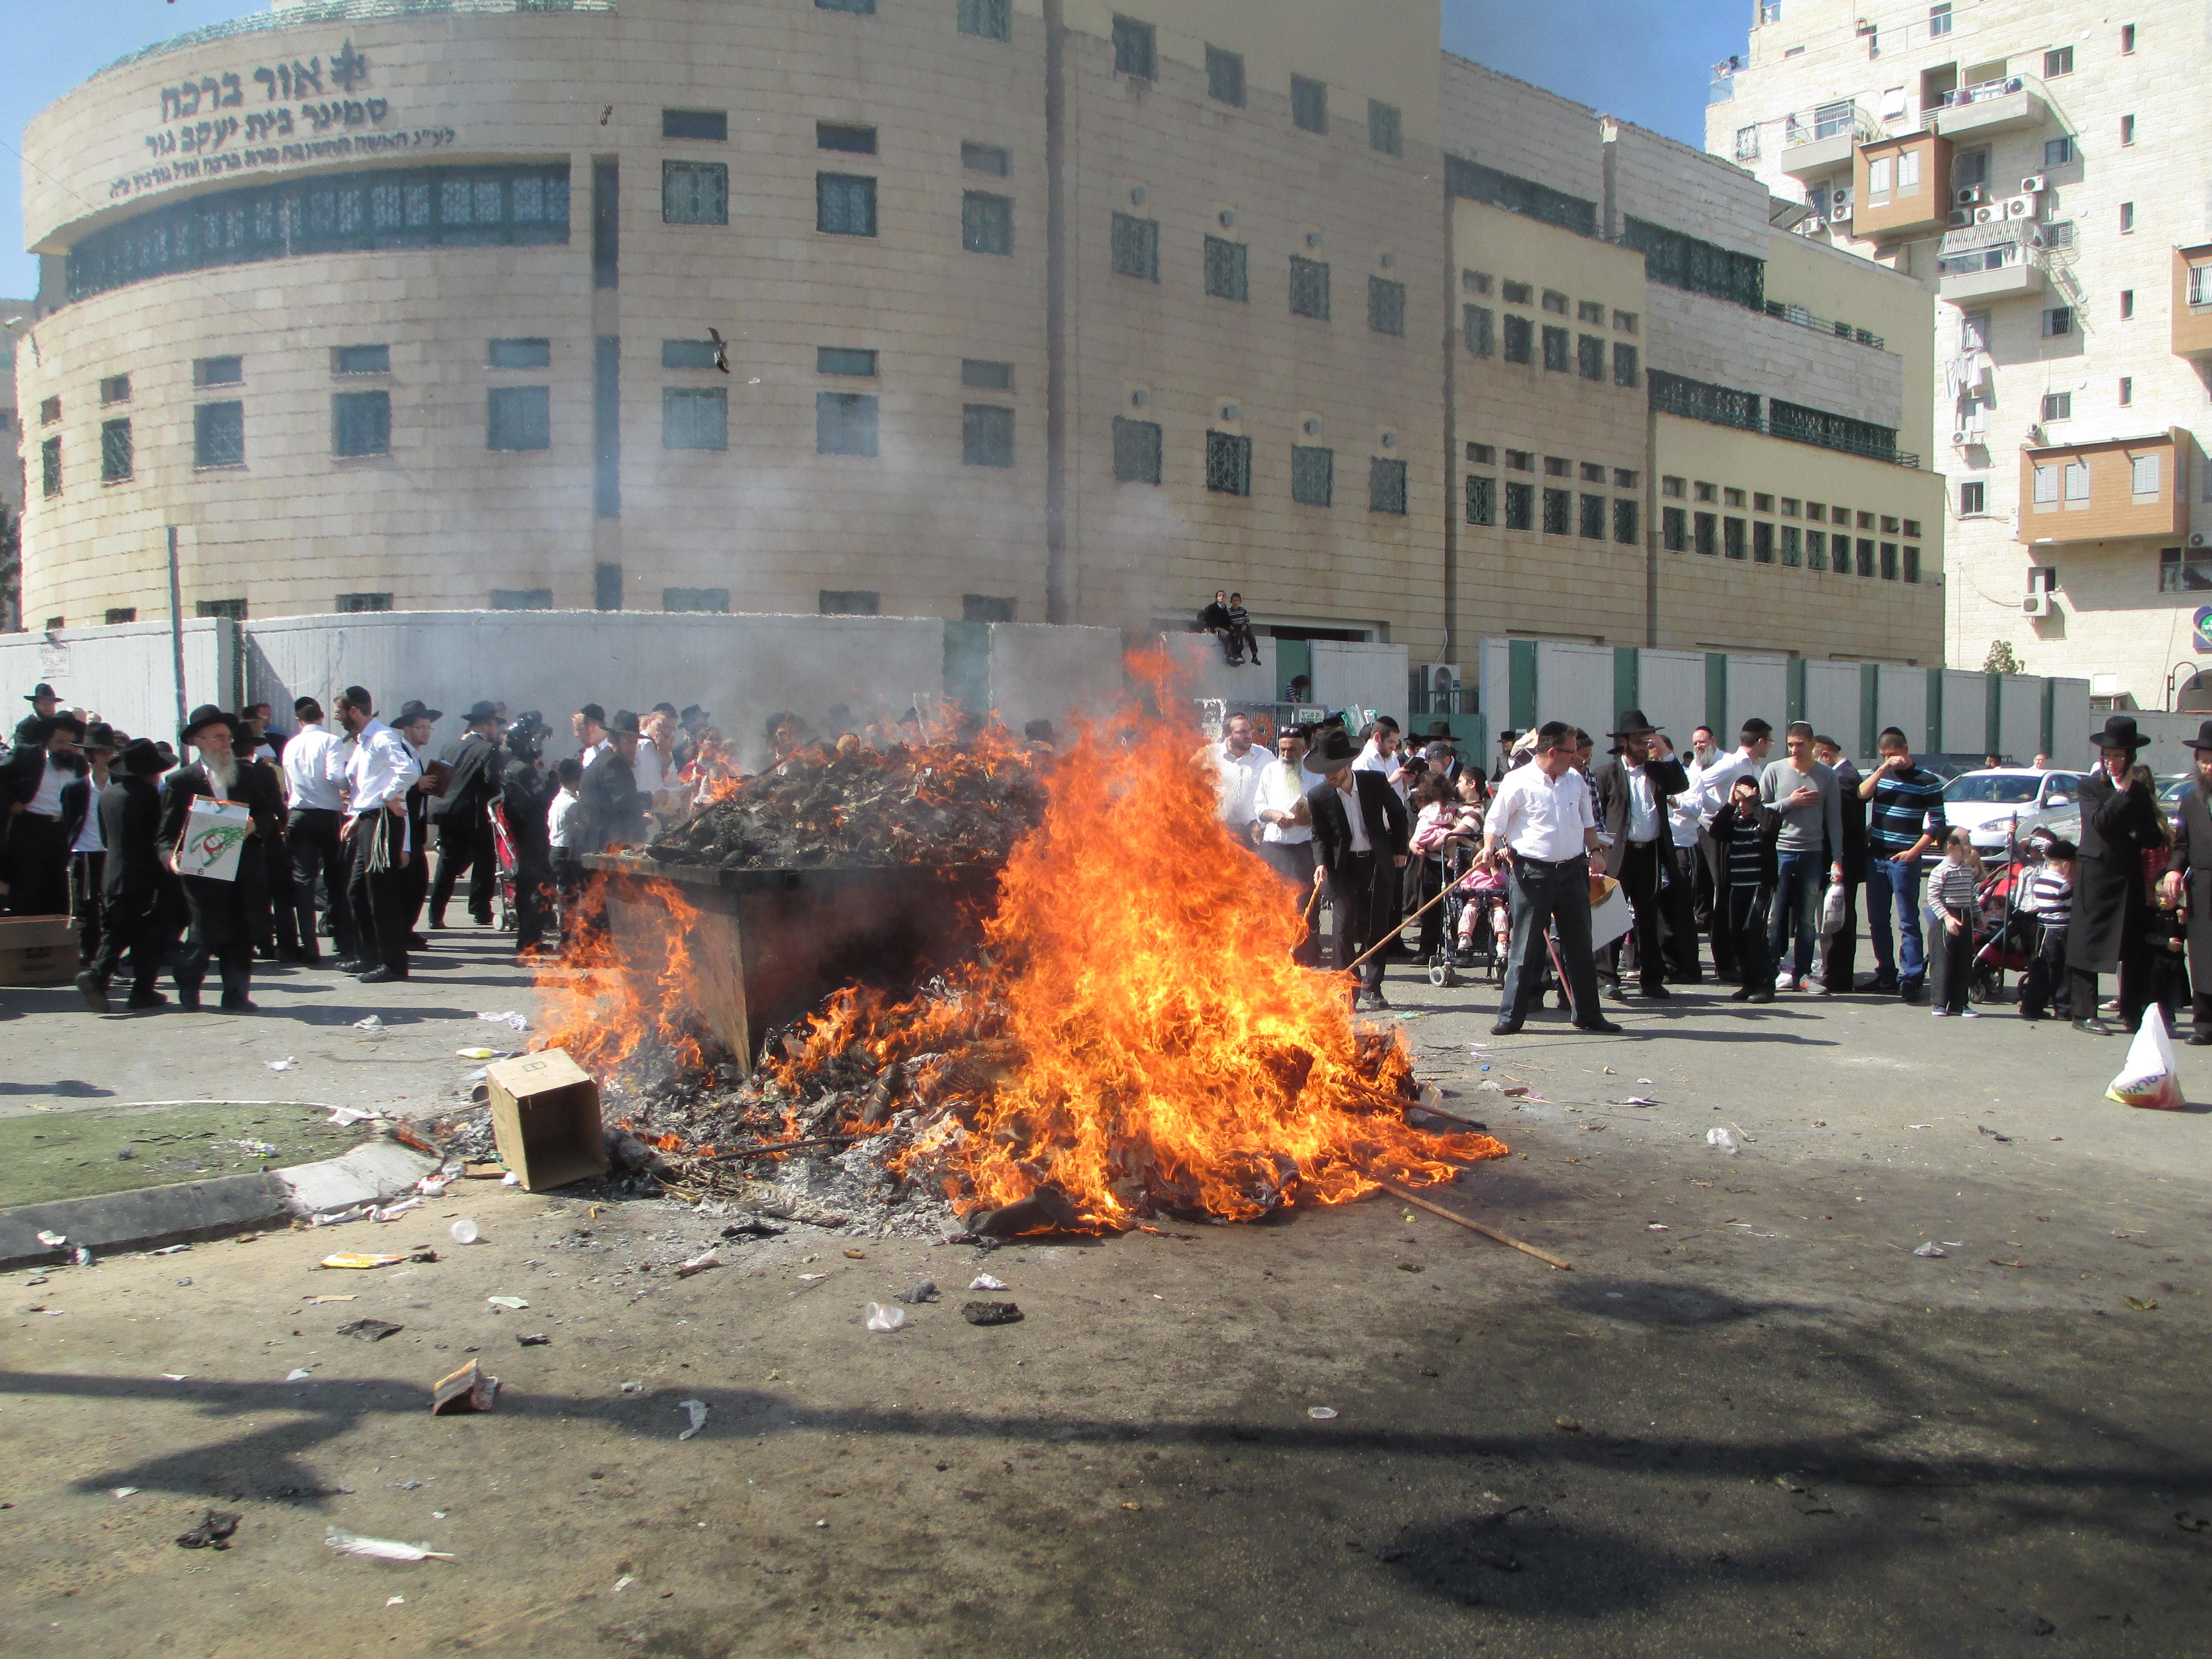 逾越节和犹太人 - 焚烧发酵食物